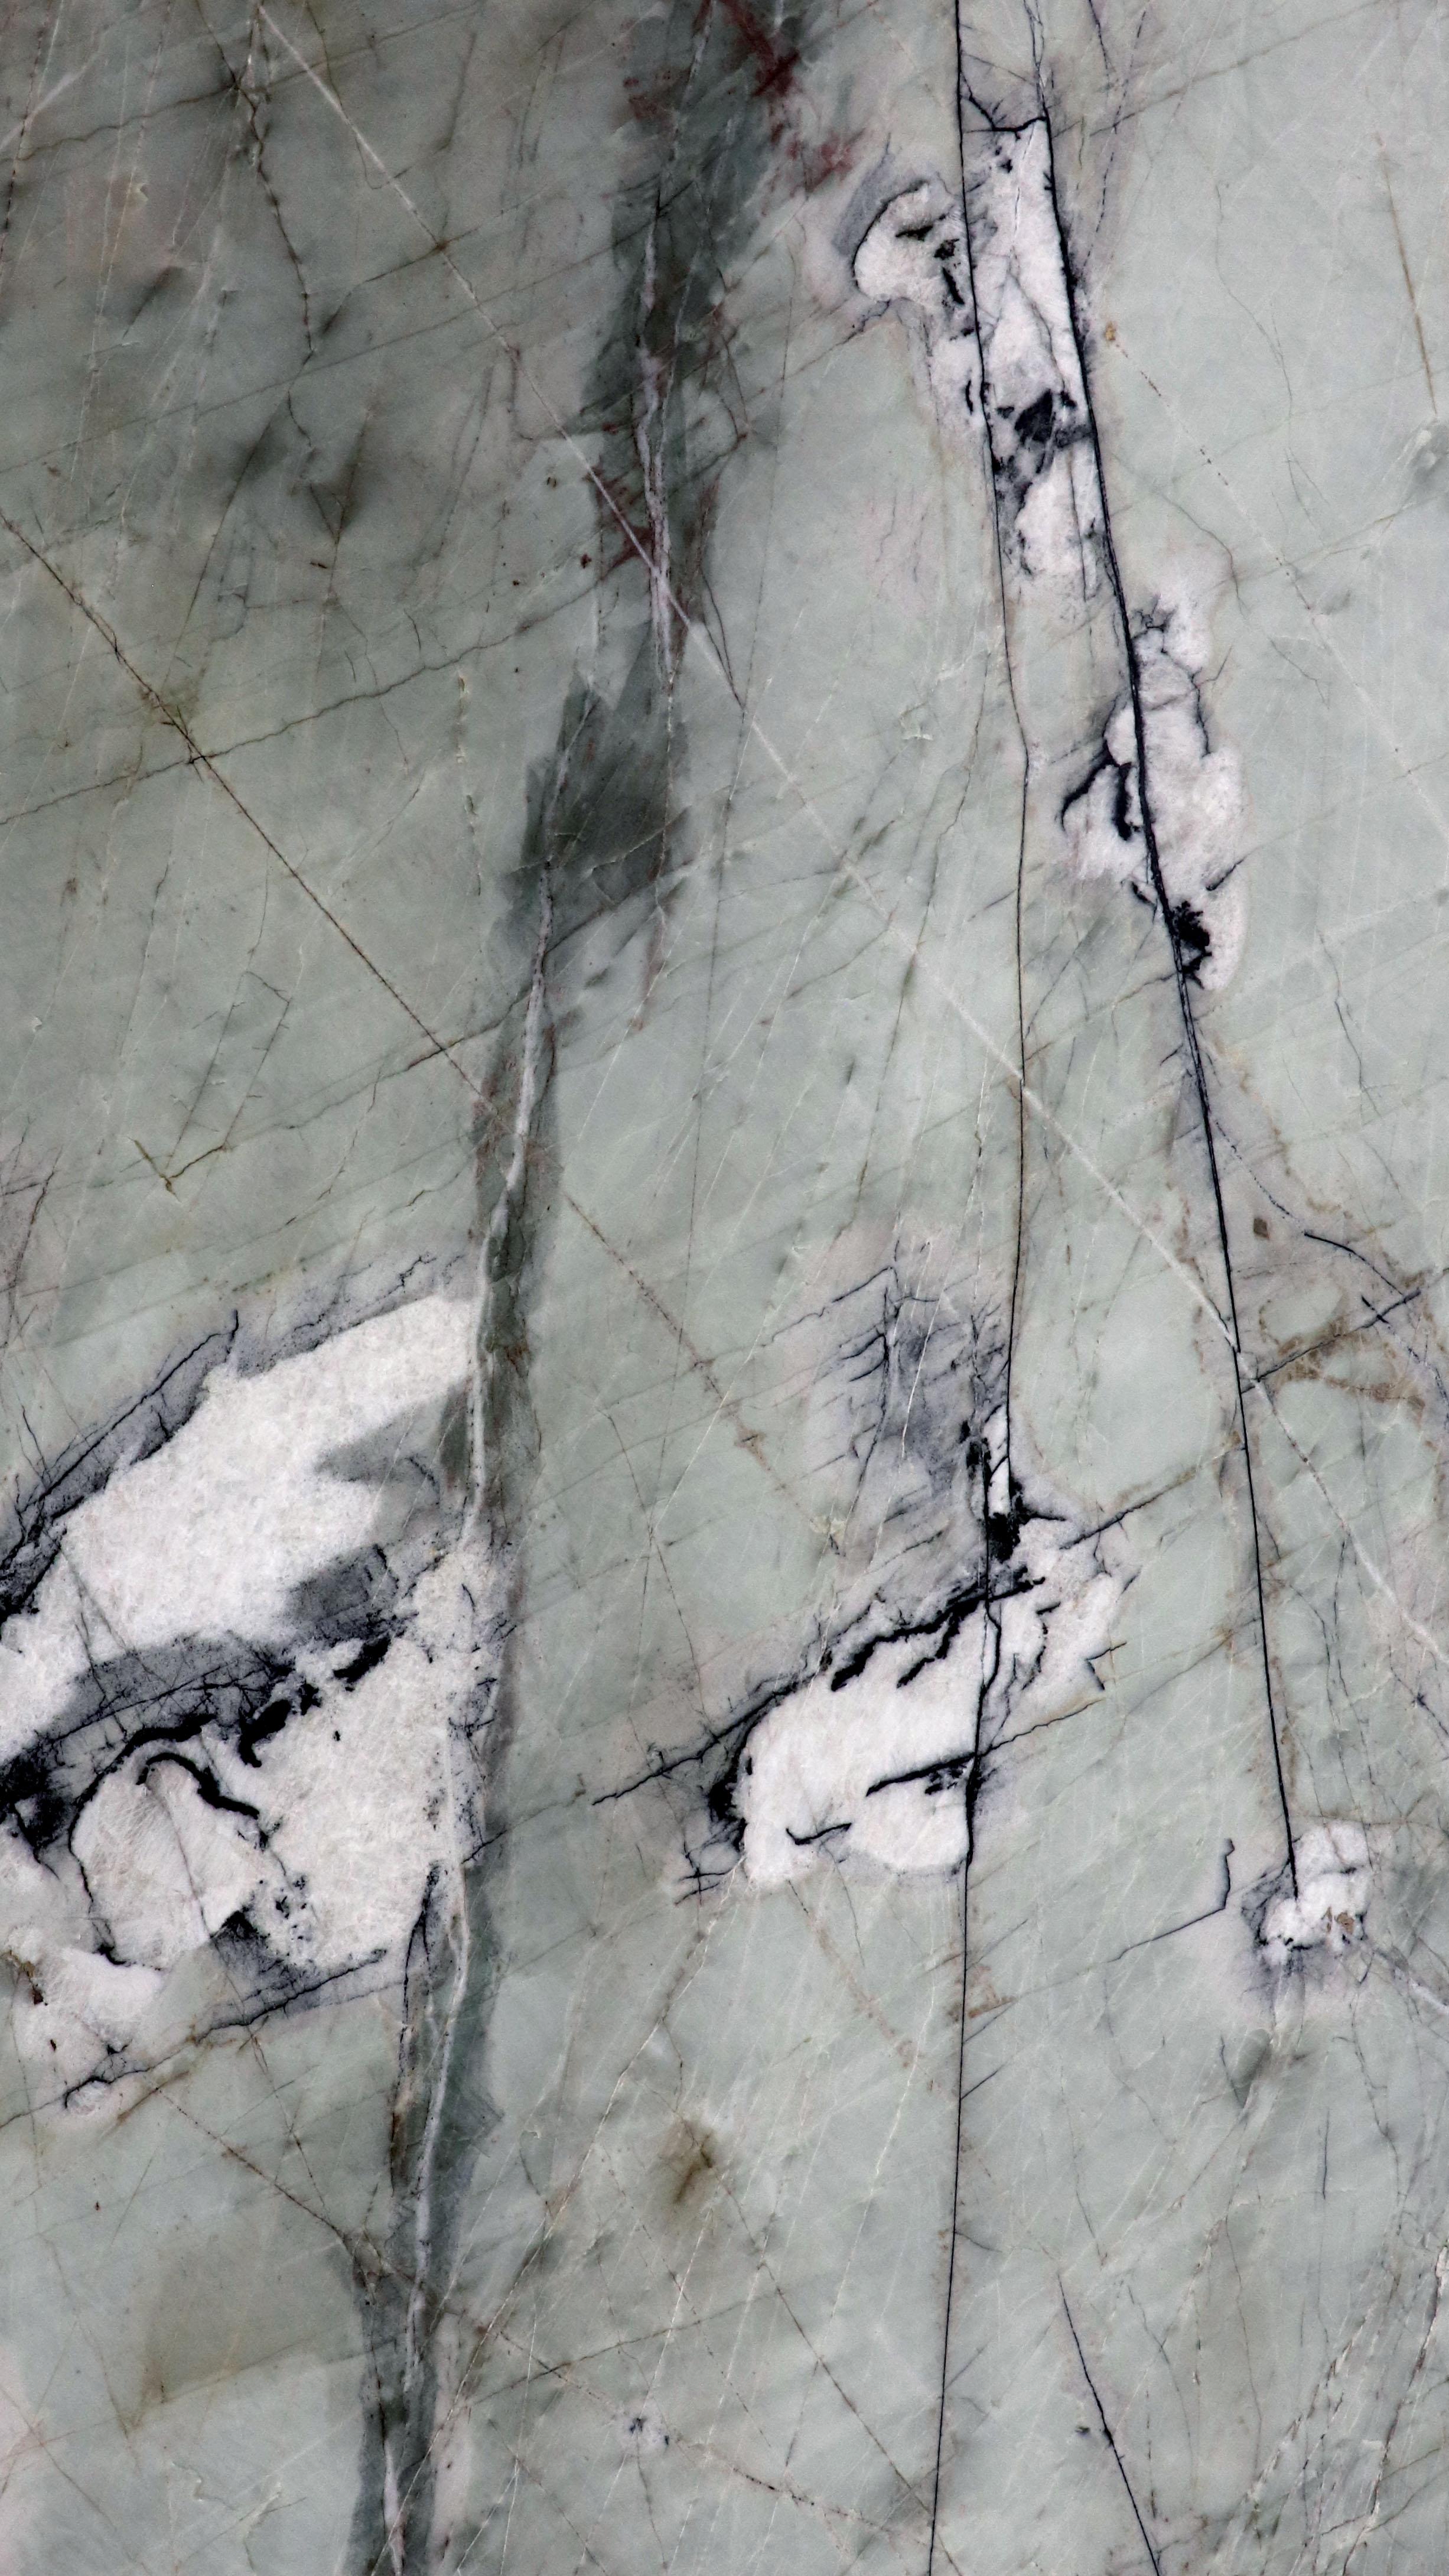 Cristallo Tiffany-3 Quartzite